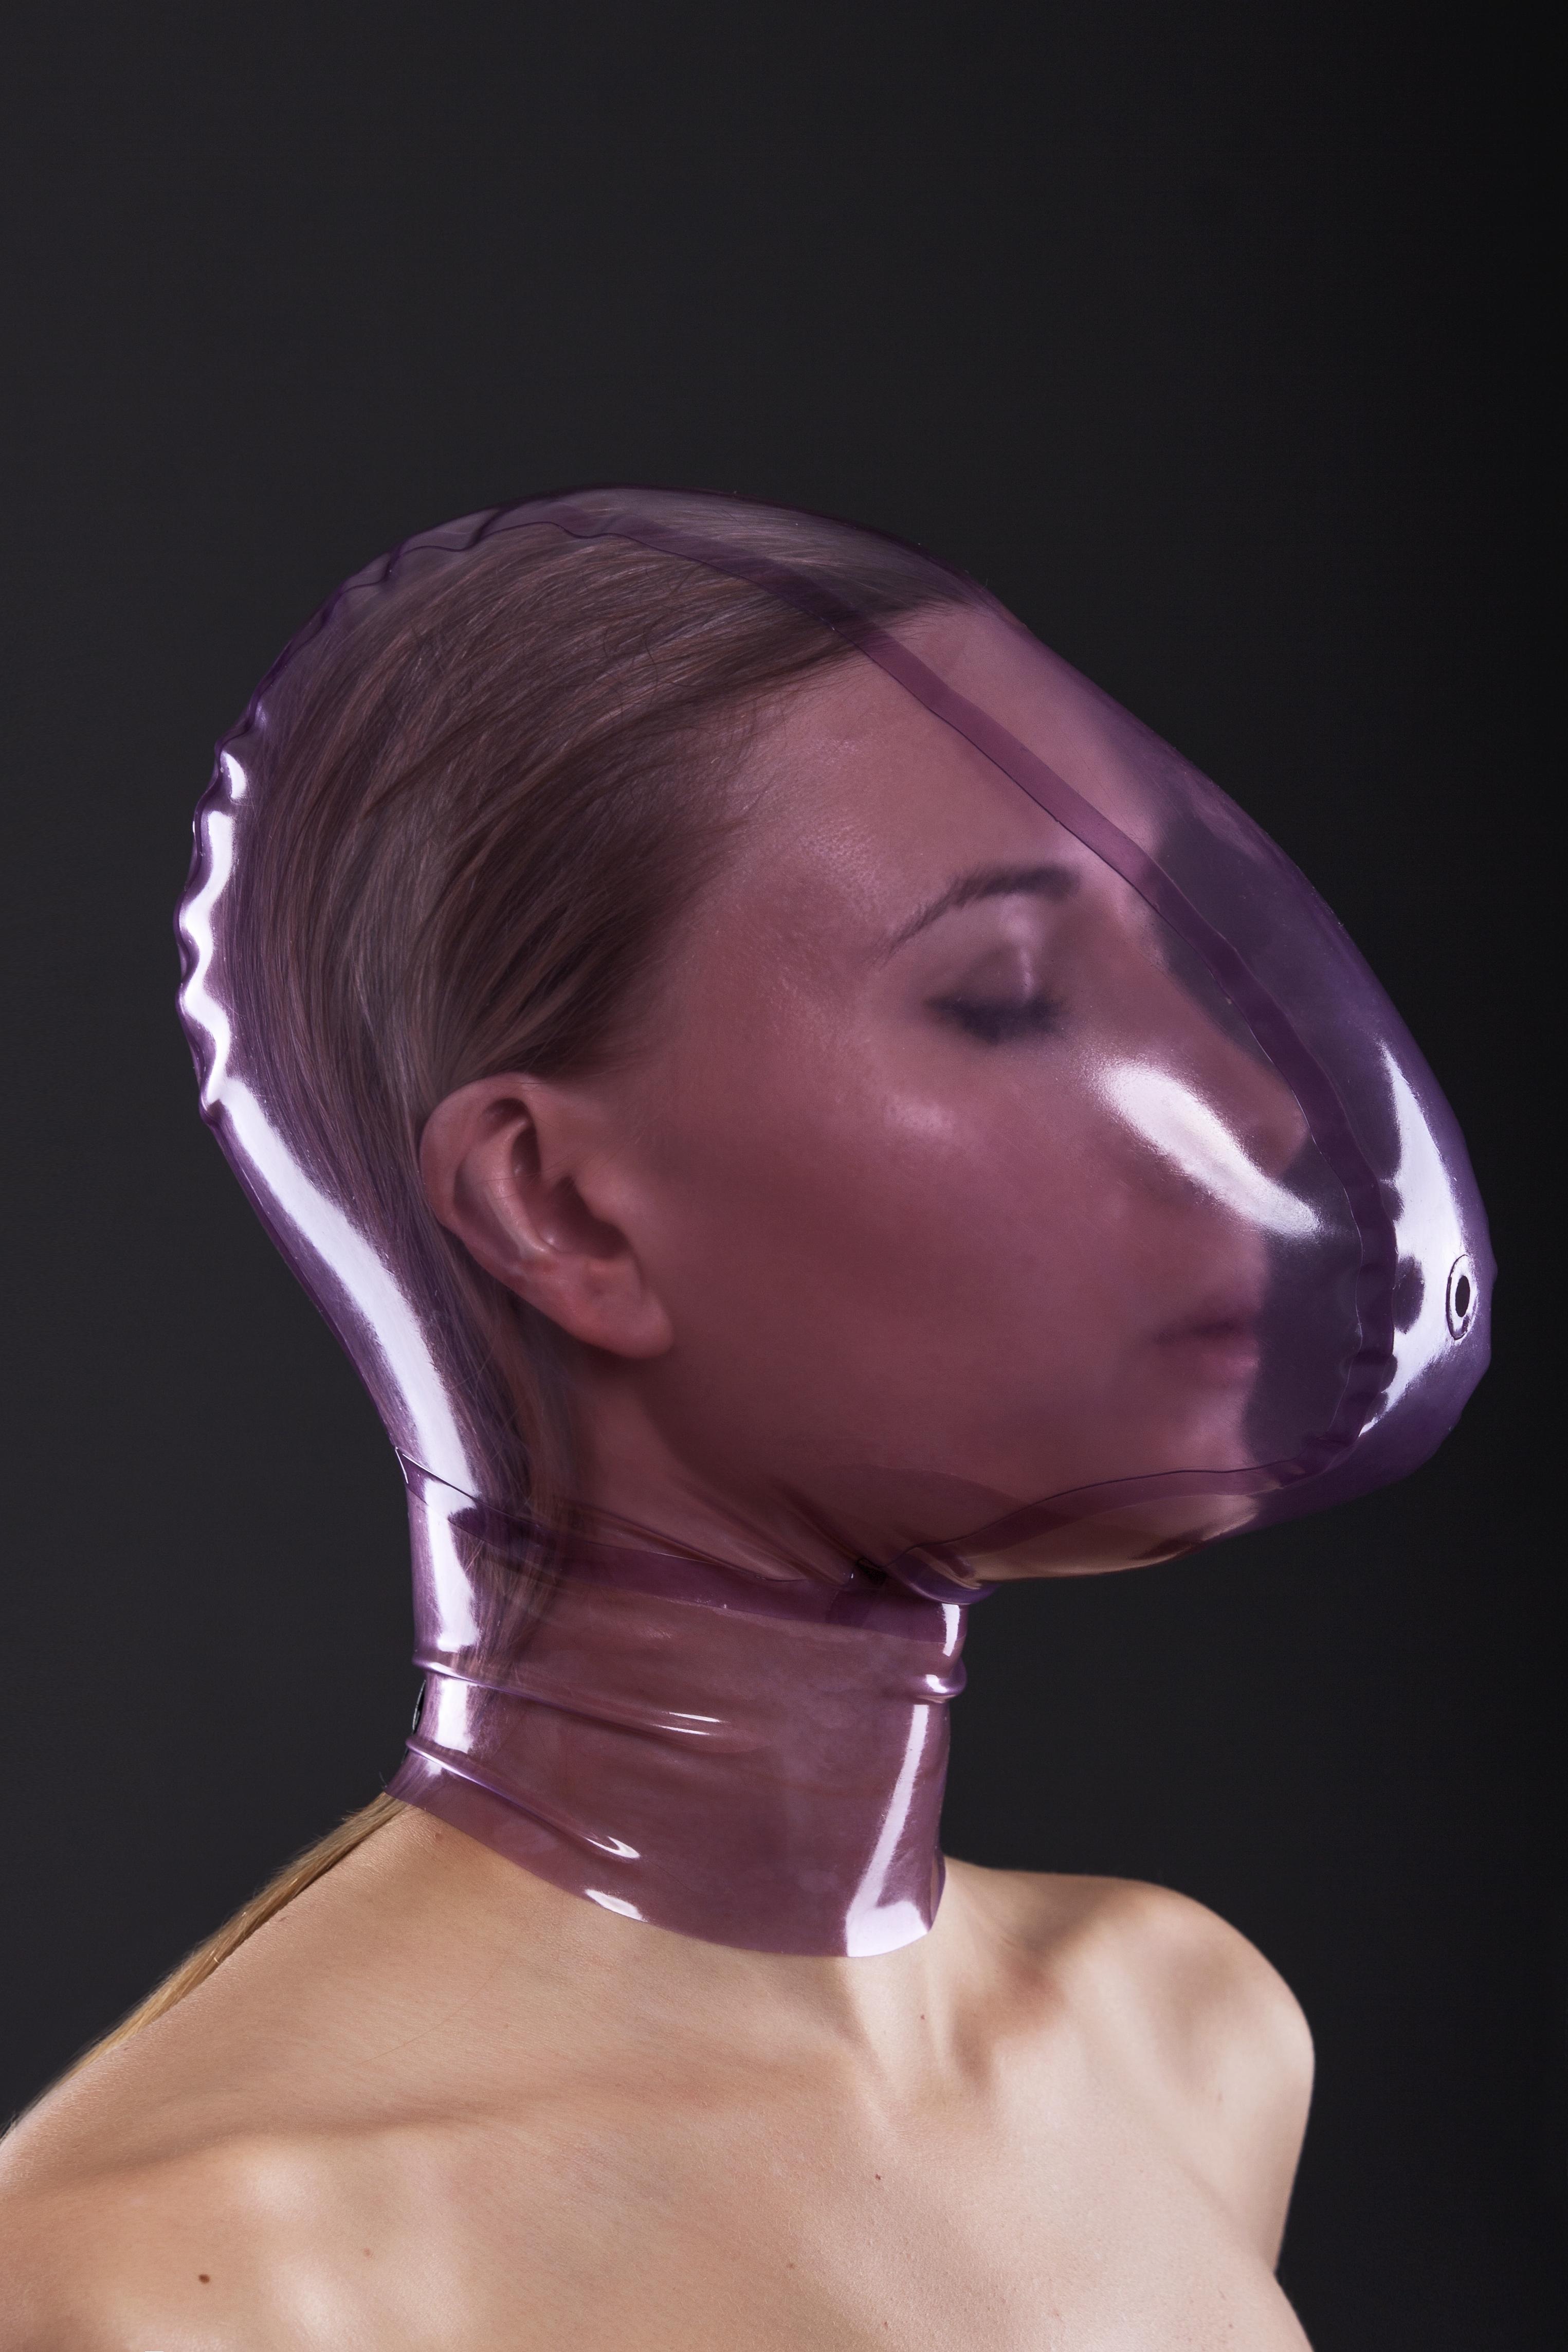 Маска из латекса с маленьким отверстием для контроля за дыханием Latex Mask With Breath Control Hole